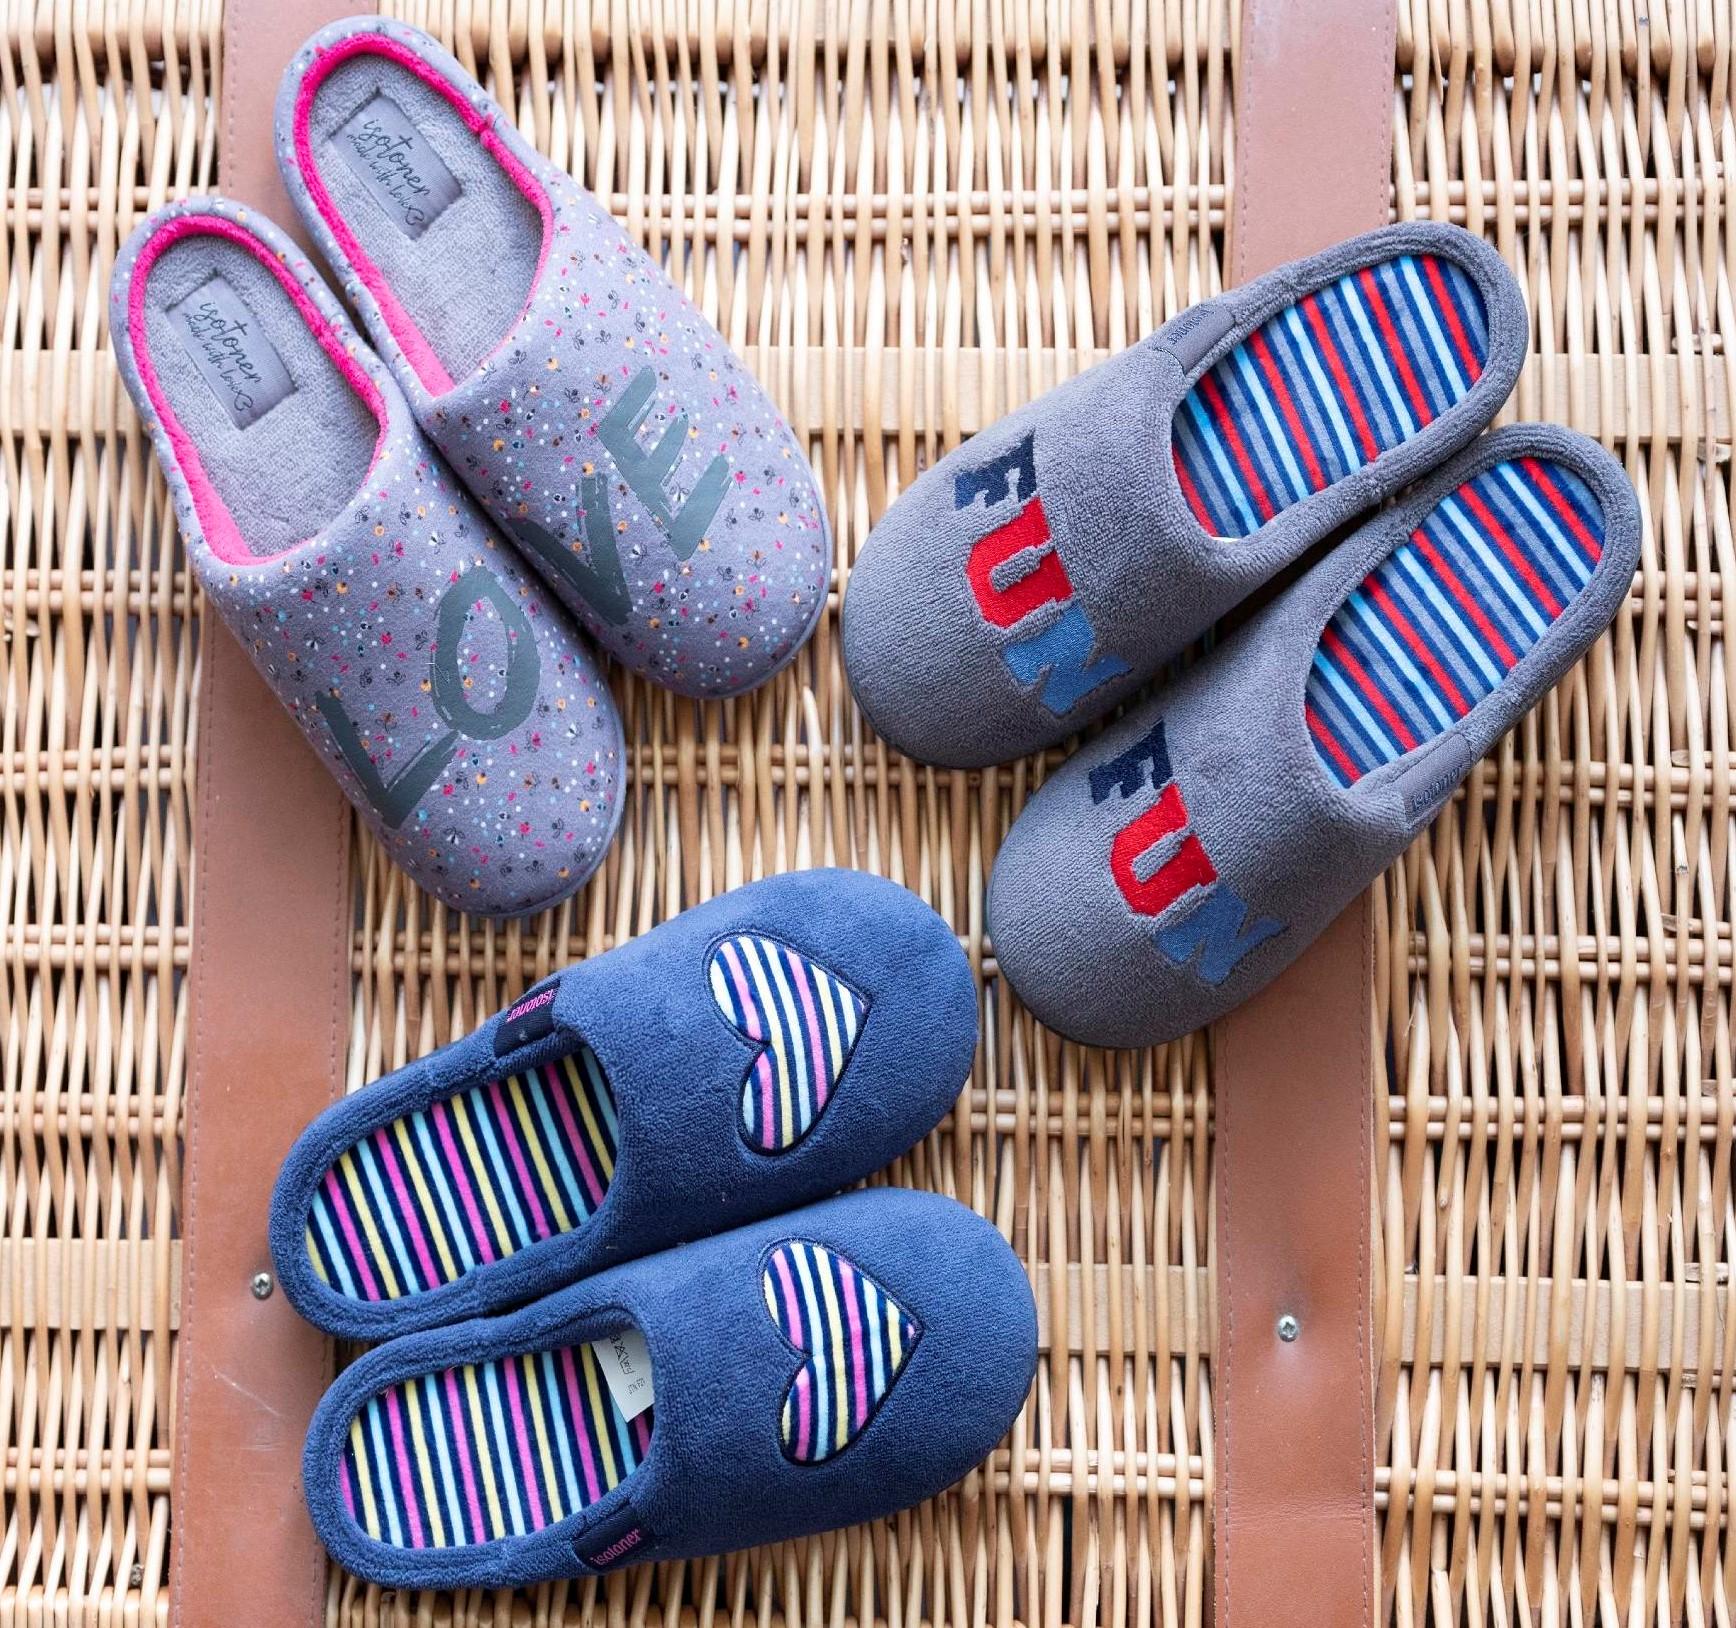 telechargement 2 - Des chaussons enfant pour leur bien-être, c'est le pied !